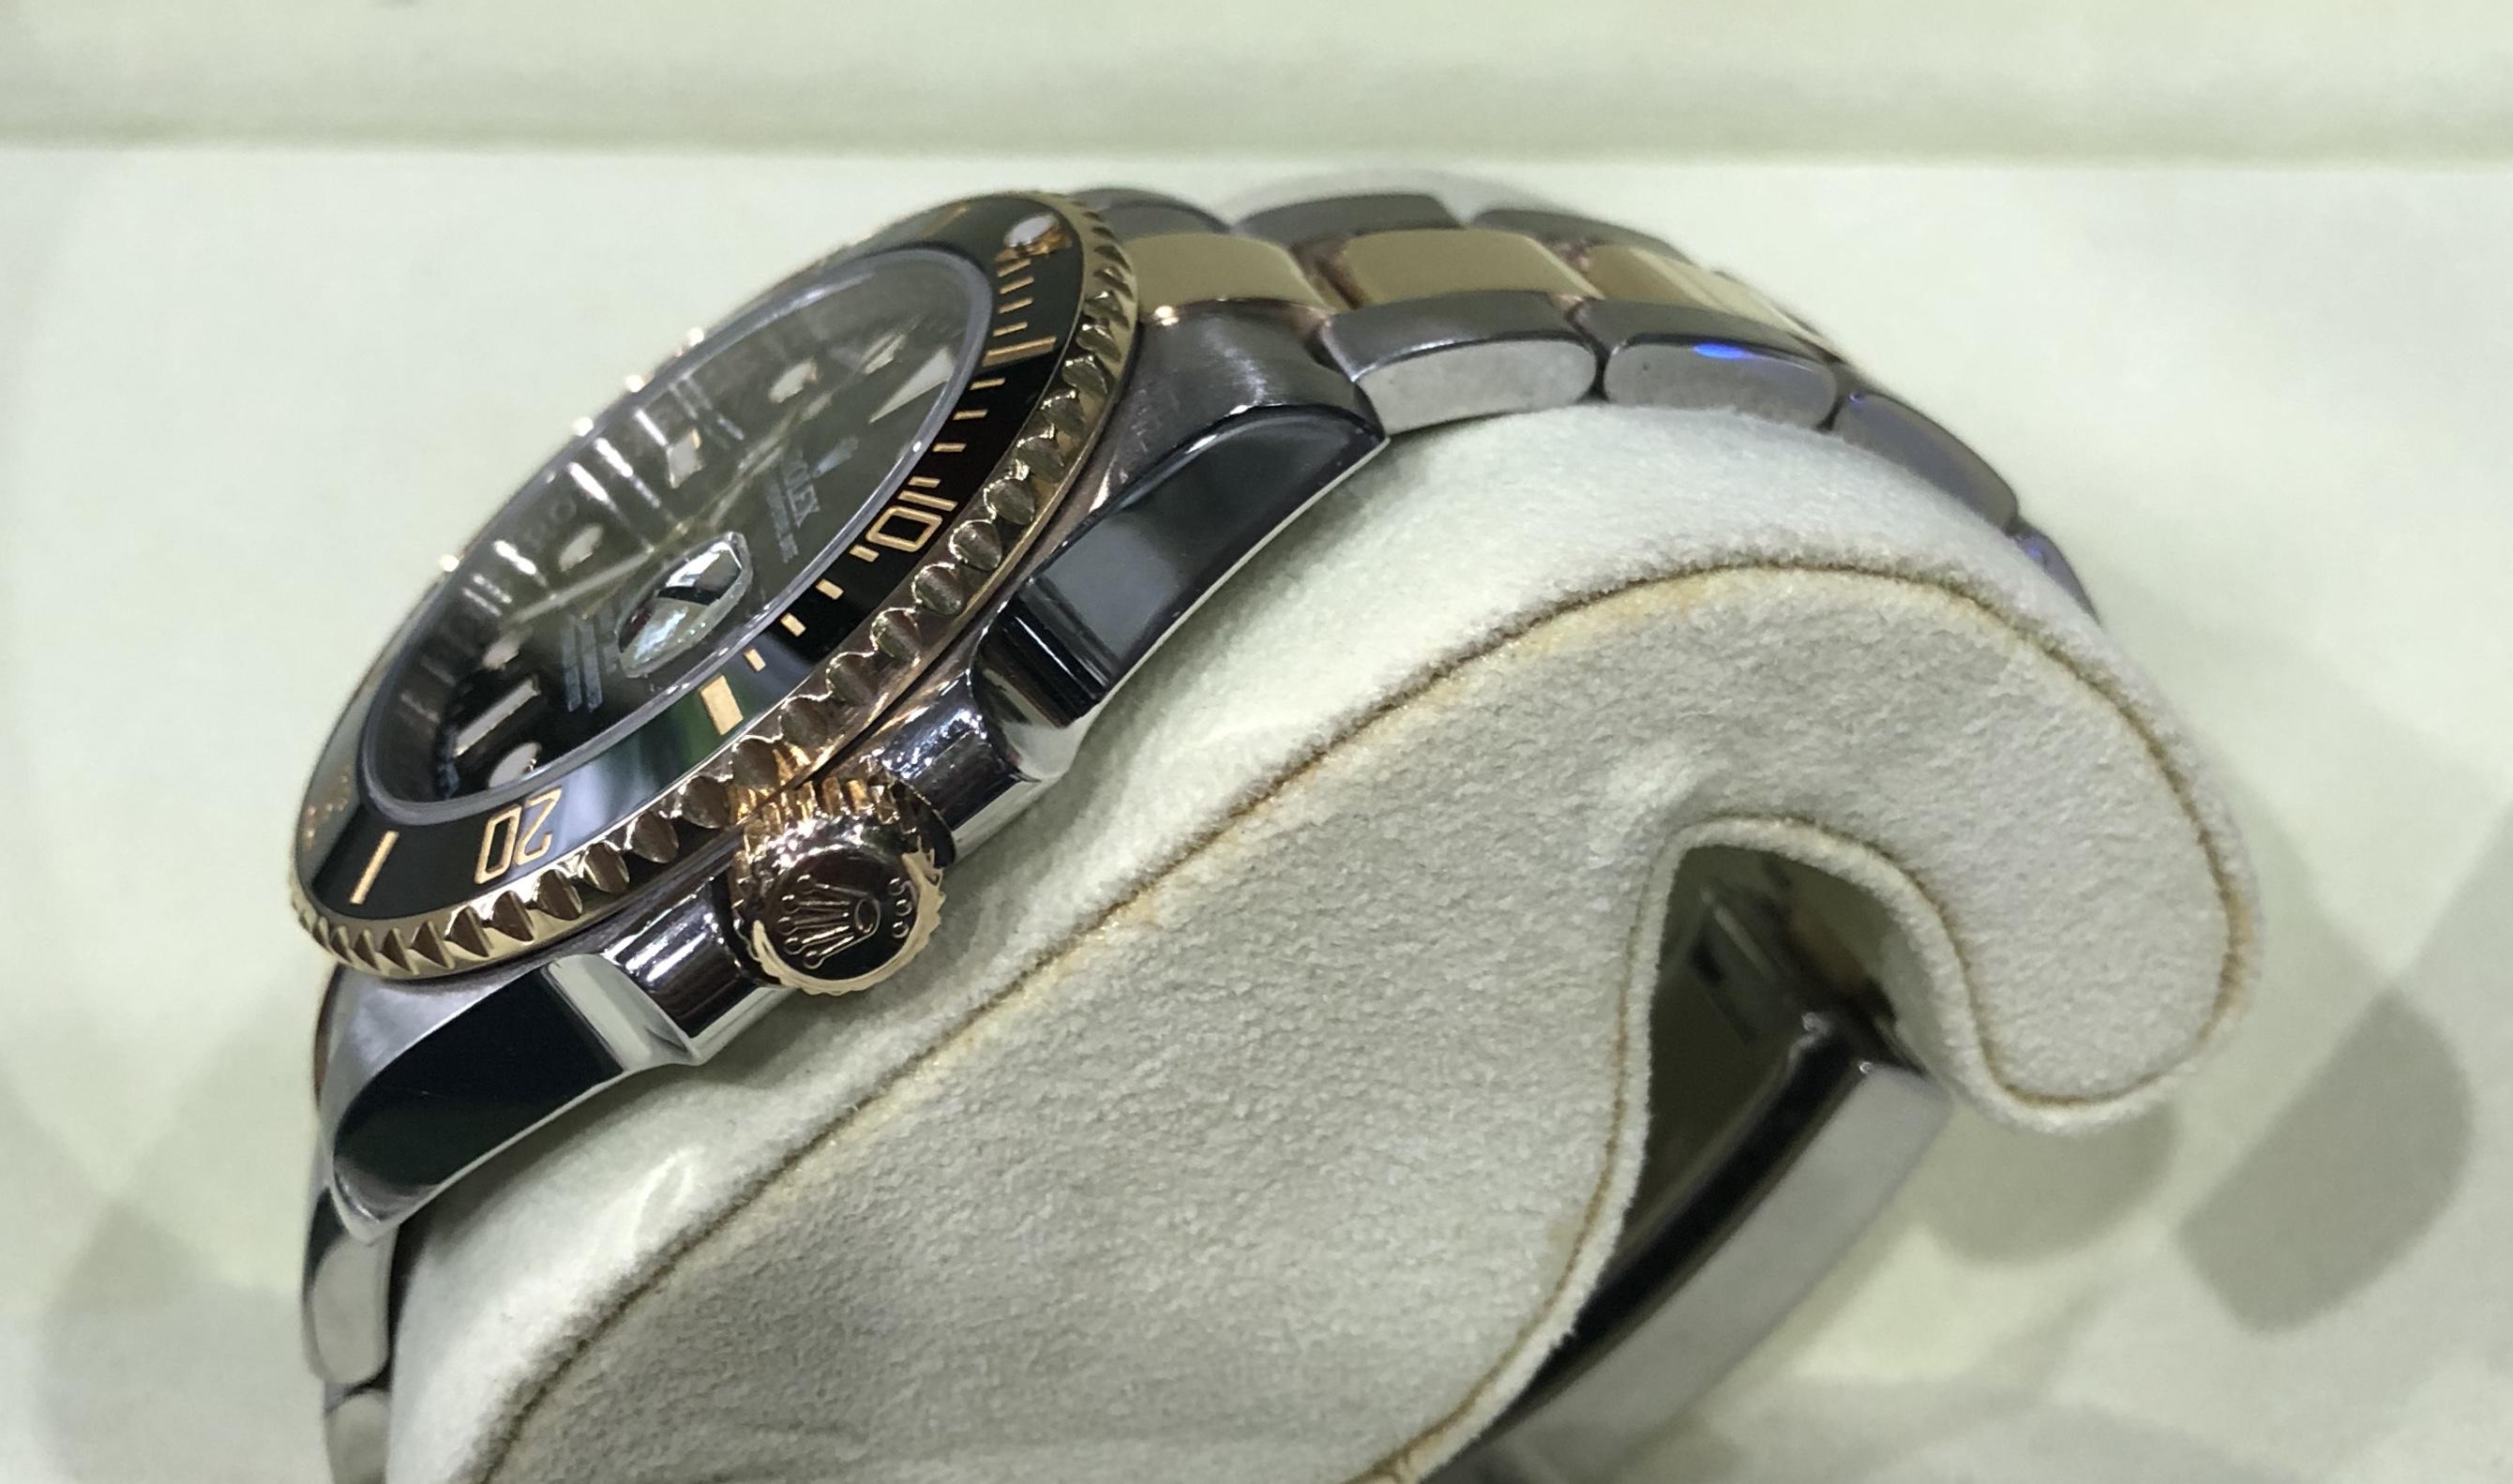 rolex-submariner-date-ref-116613ln-san-xuat-nam-2011-3